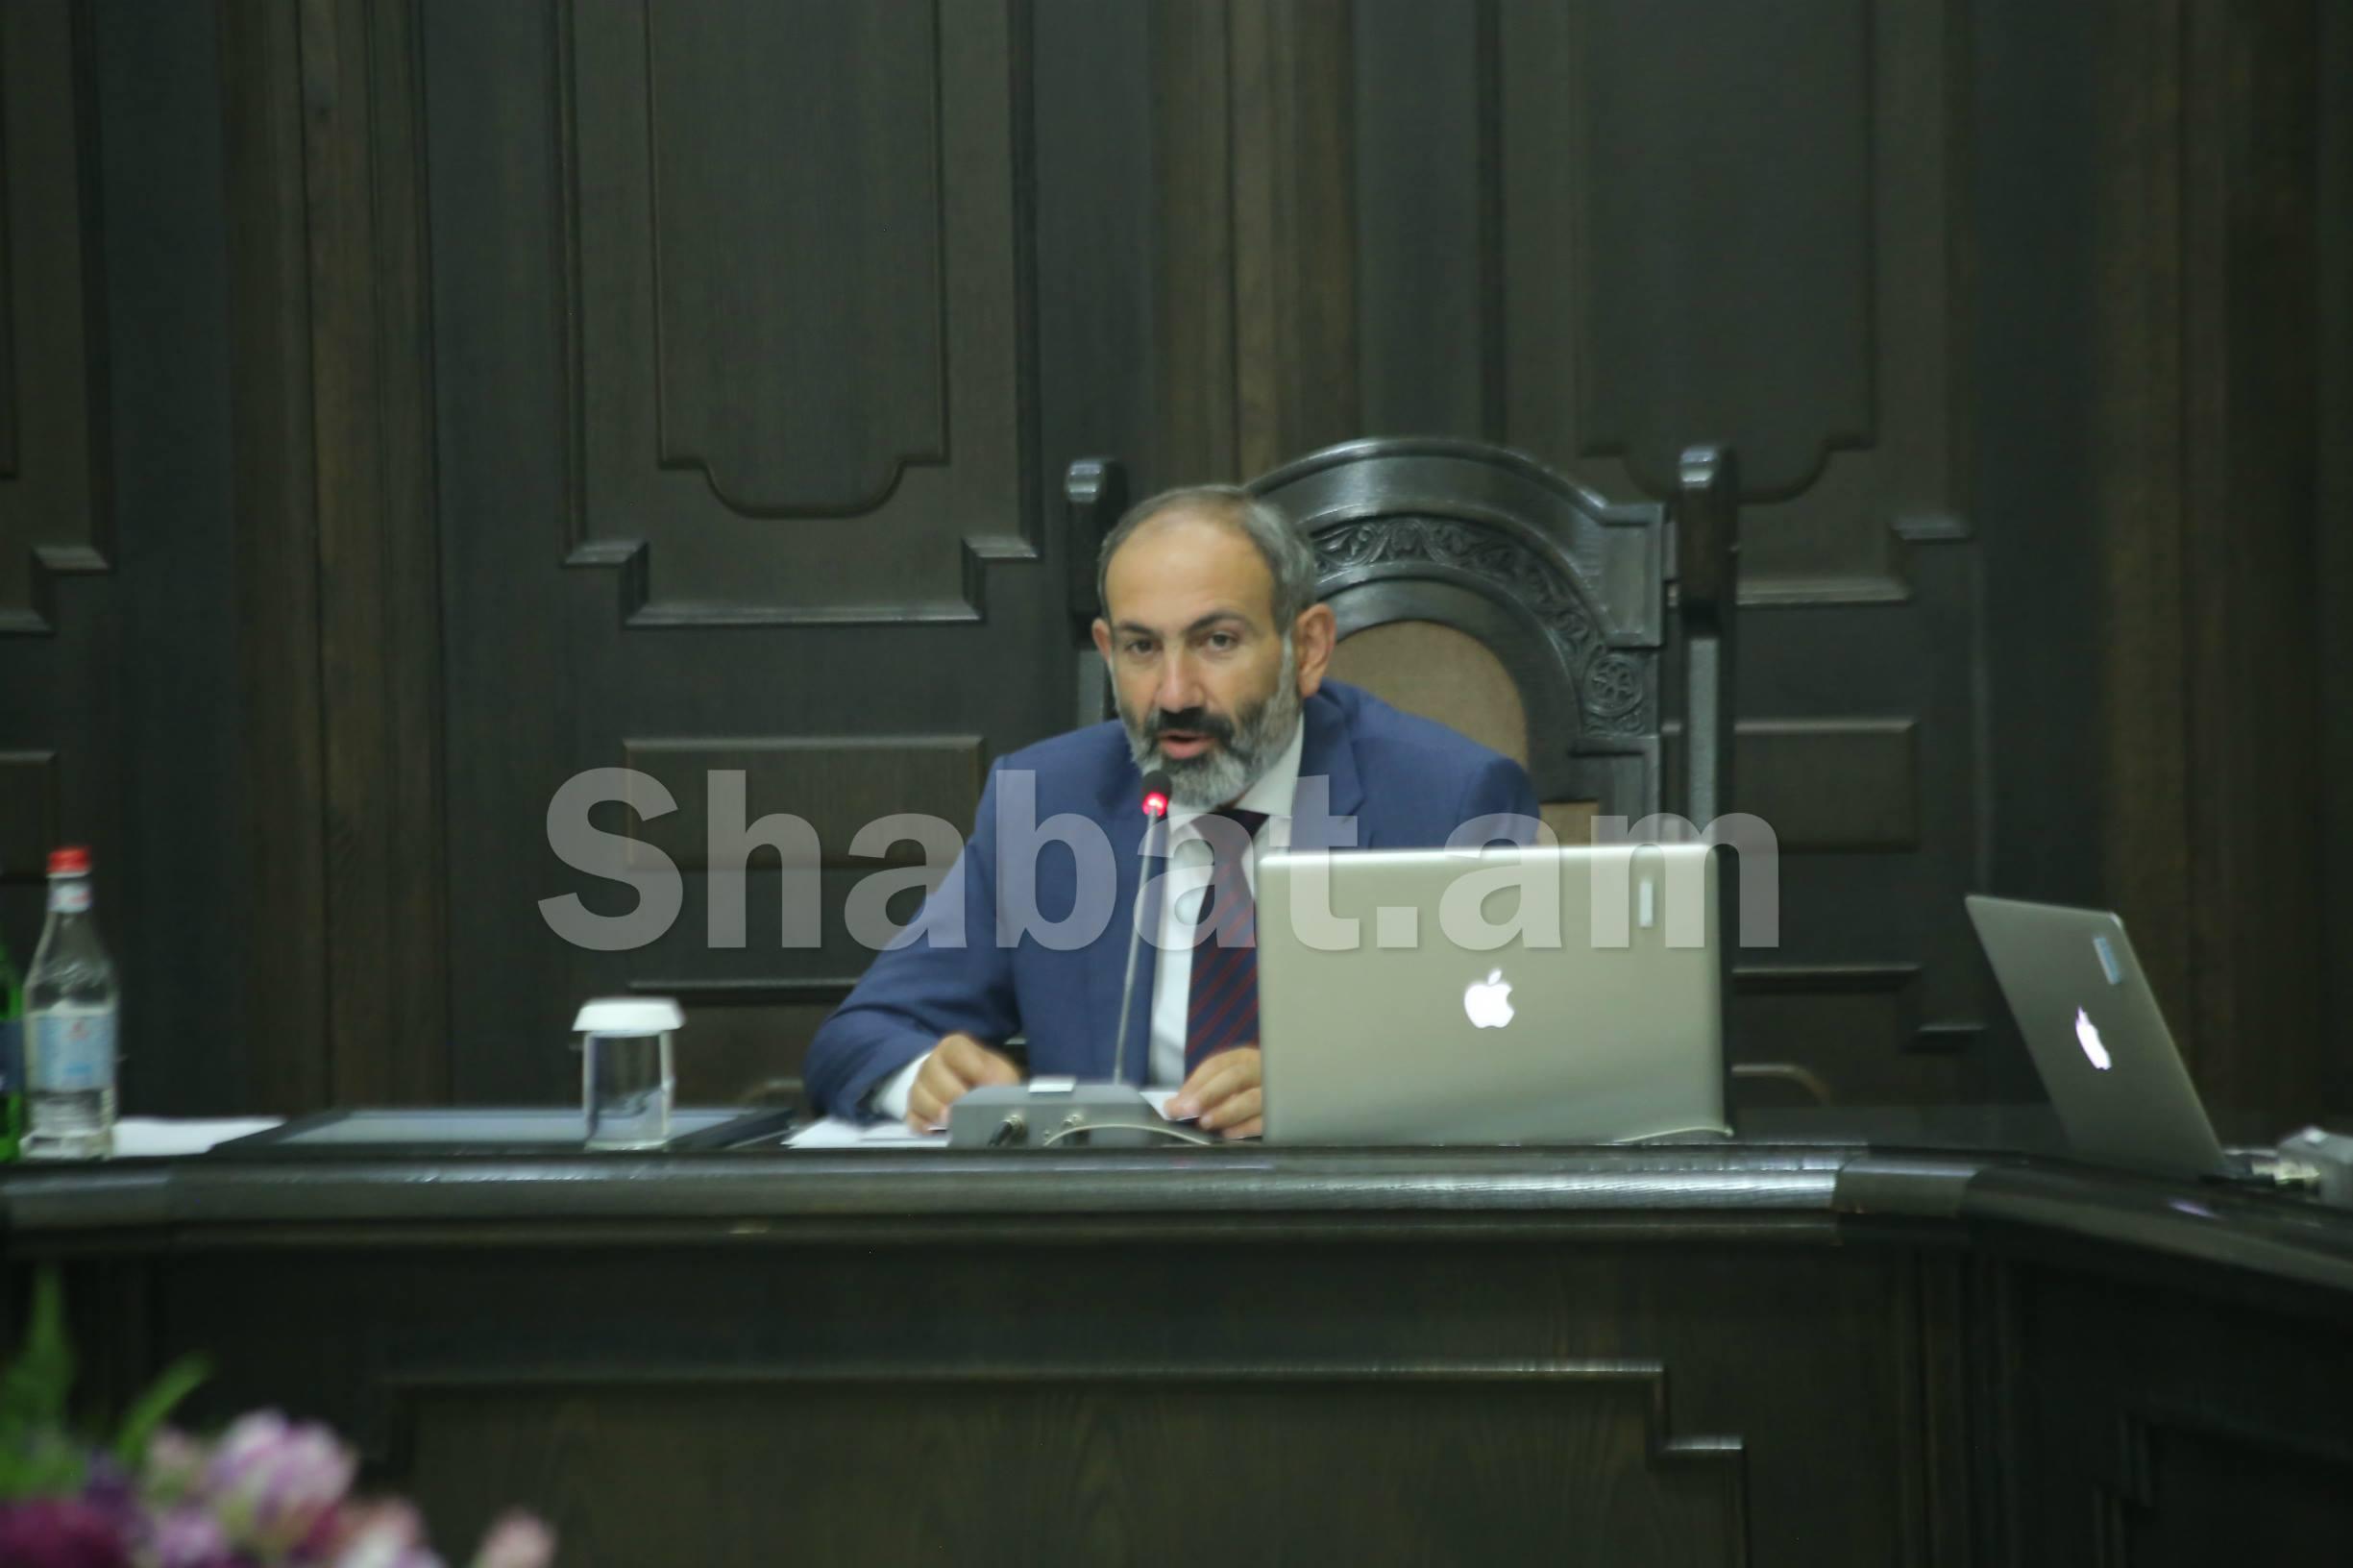 Վարչապետը հրամանագիր է ստորագրել միջկառավարական հանձնաժողով ստեղծելու մասին